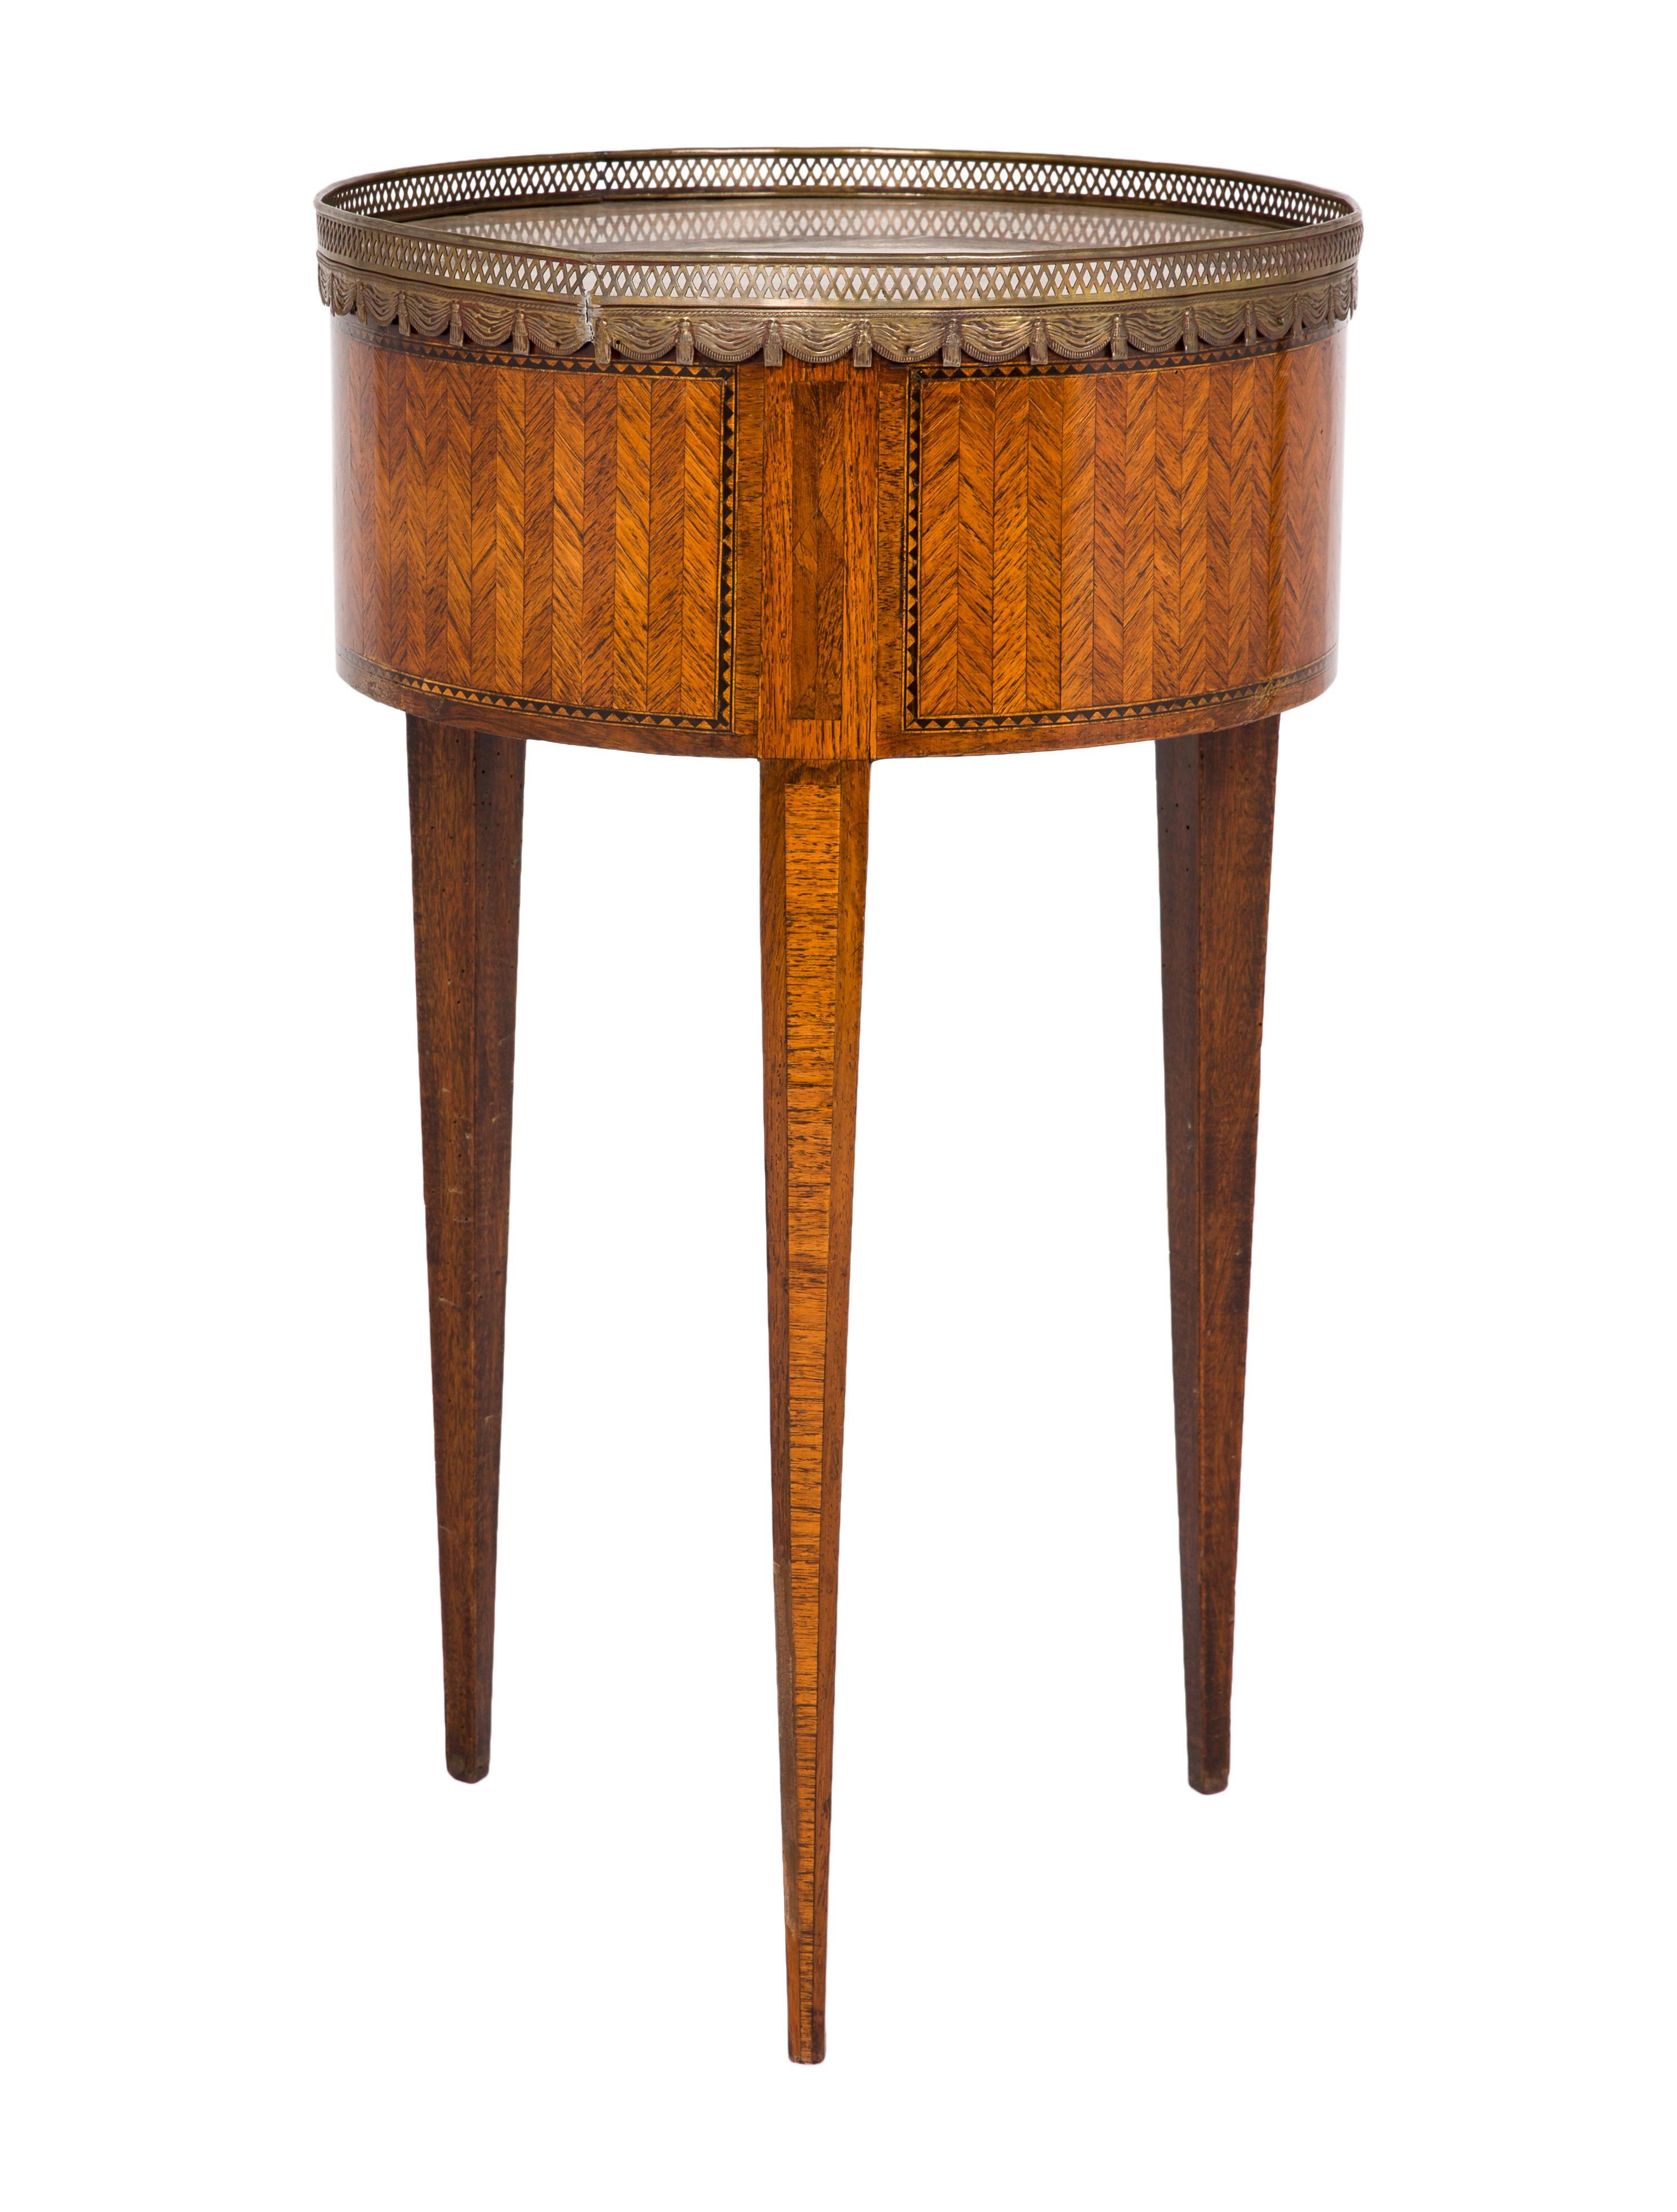 Inlaid Wood U0026 Stone Side Table